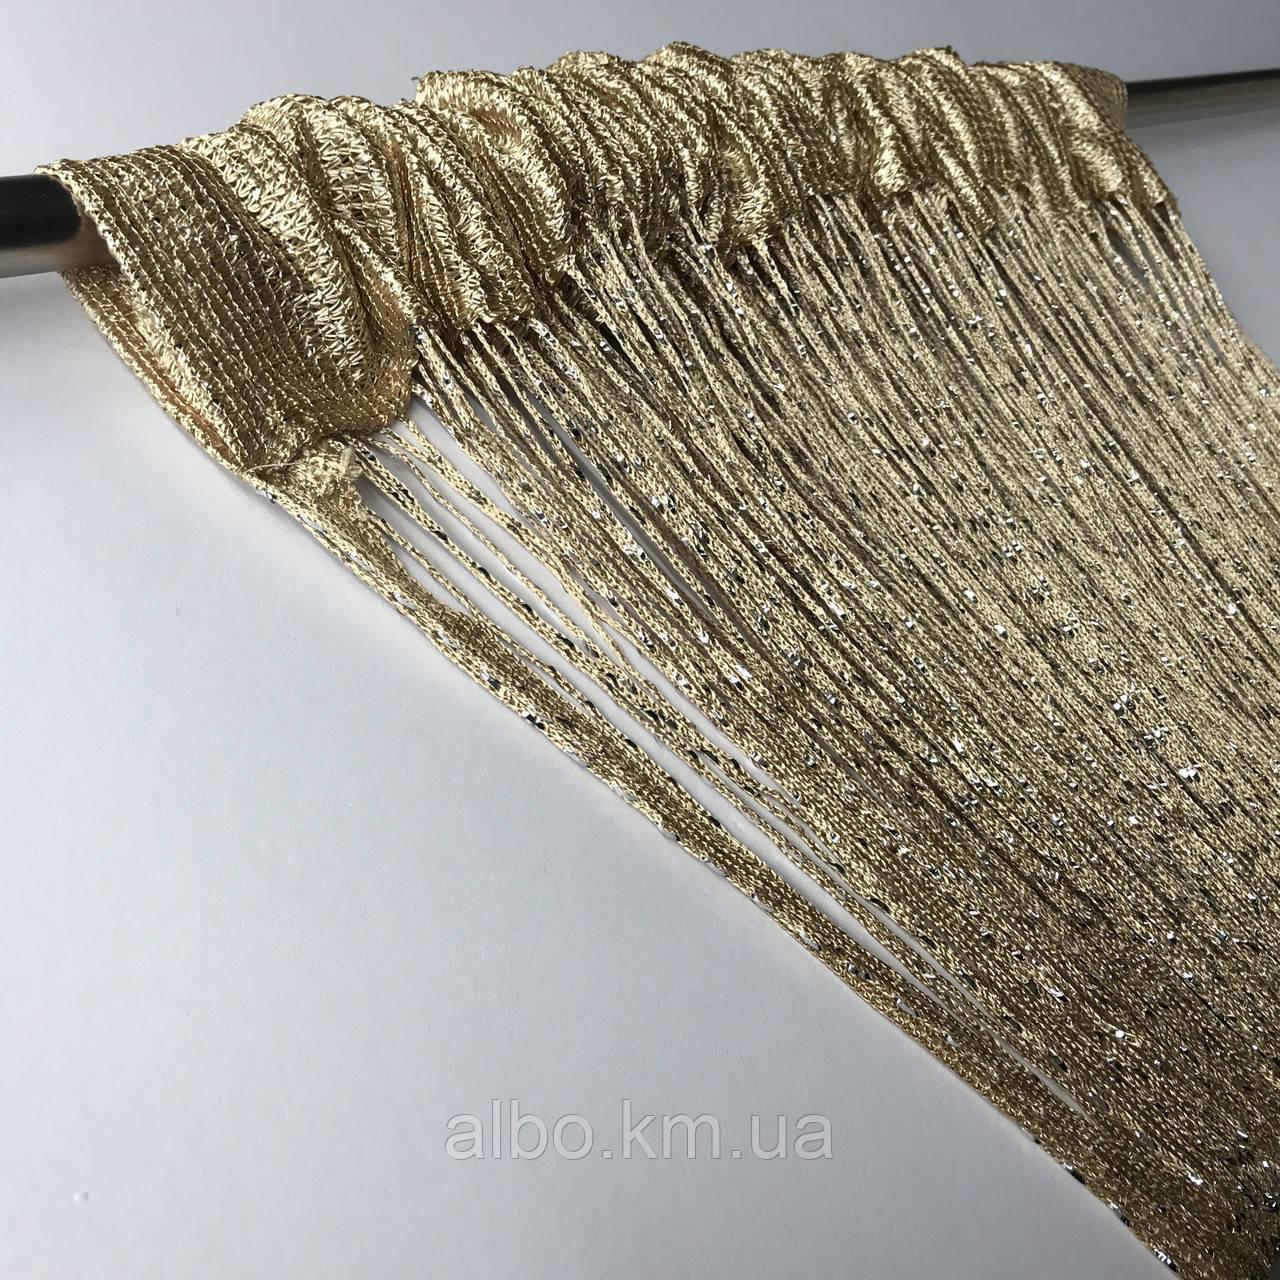 Штори-нитки з люрексом Серпанок 3 х 2.8 м, колір веселка - білий,сірий,чорний (для спальні, вітальні, кухні)